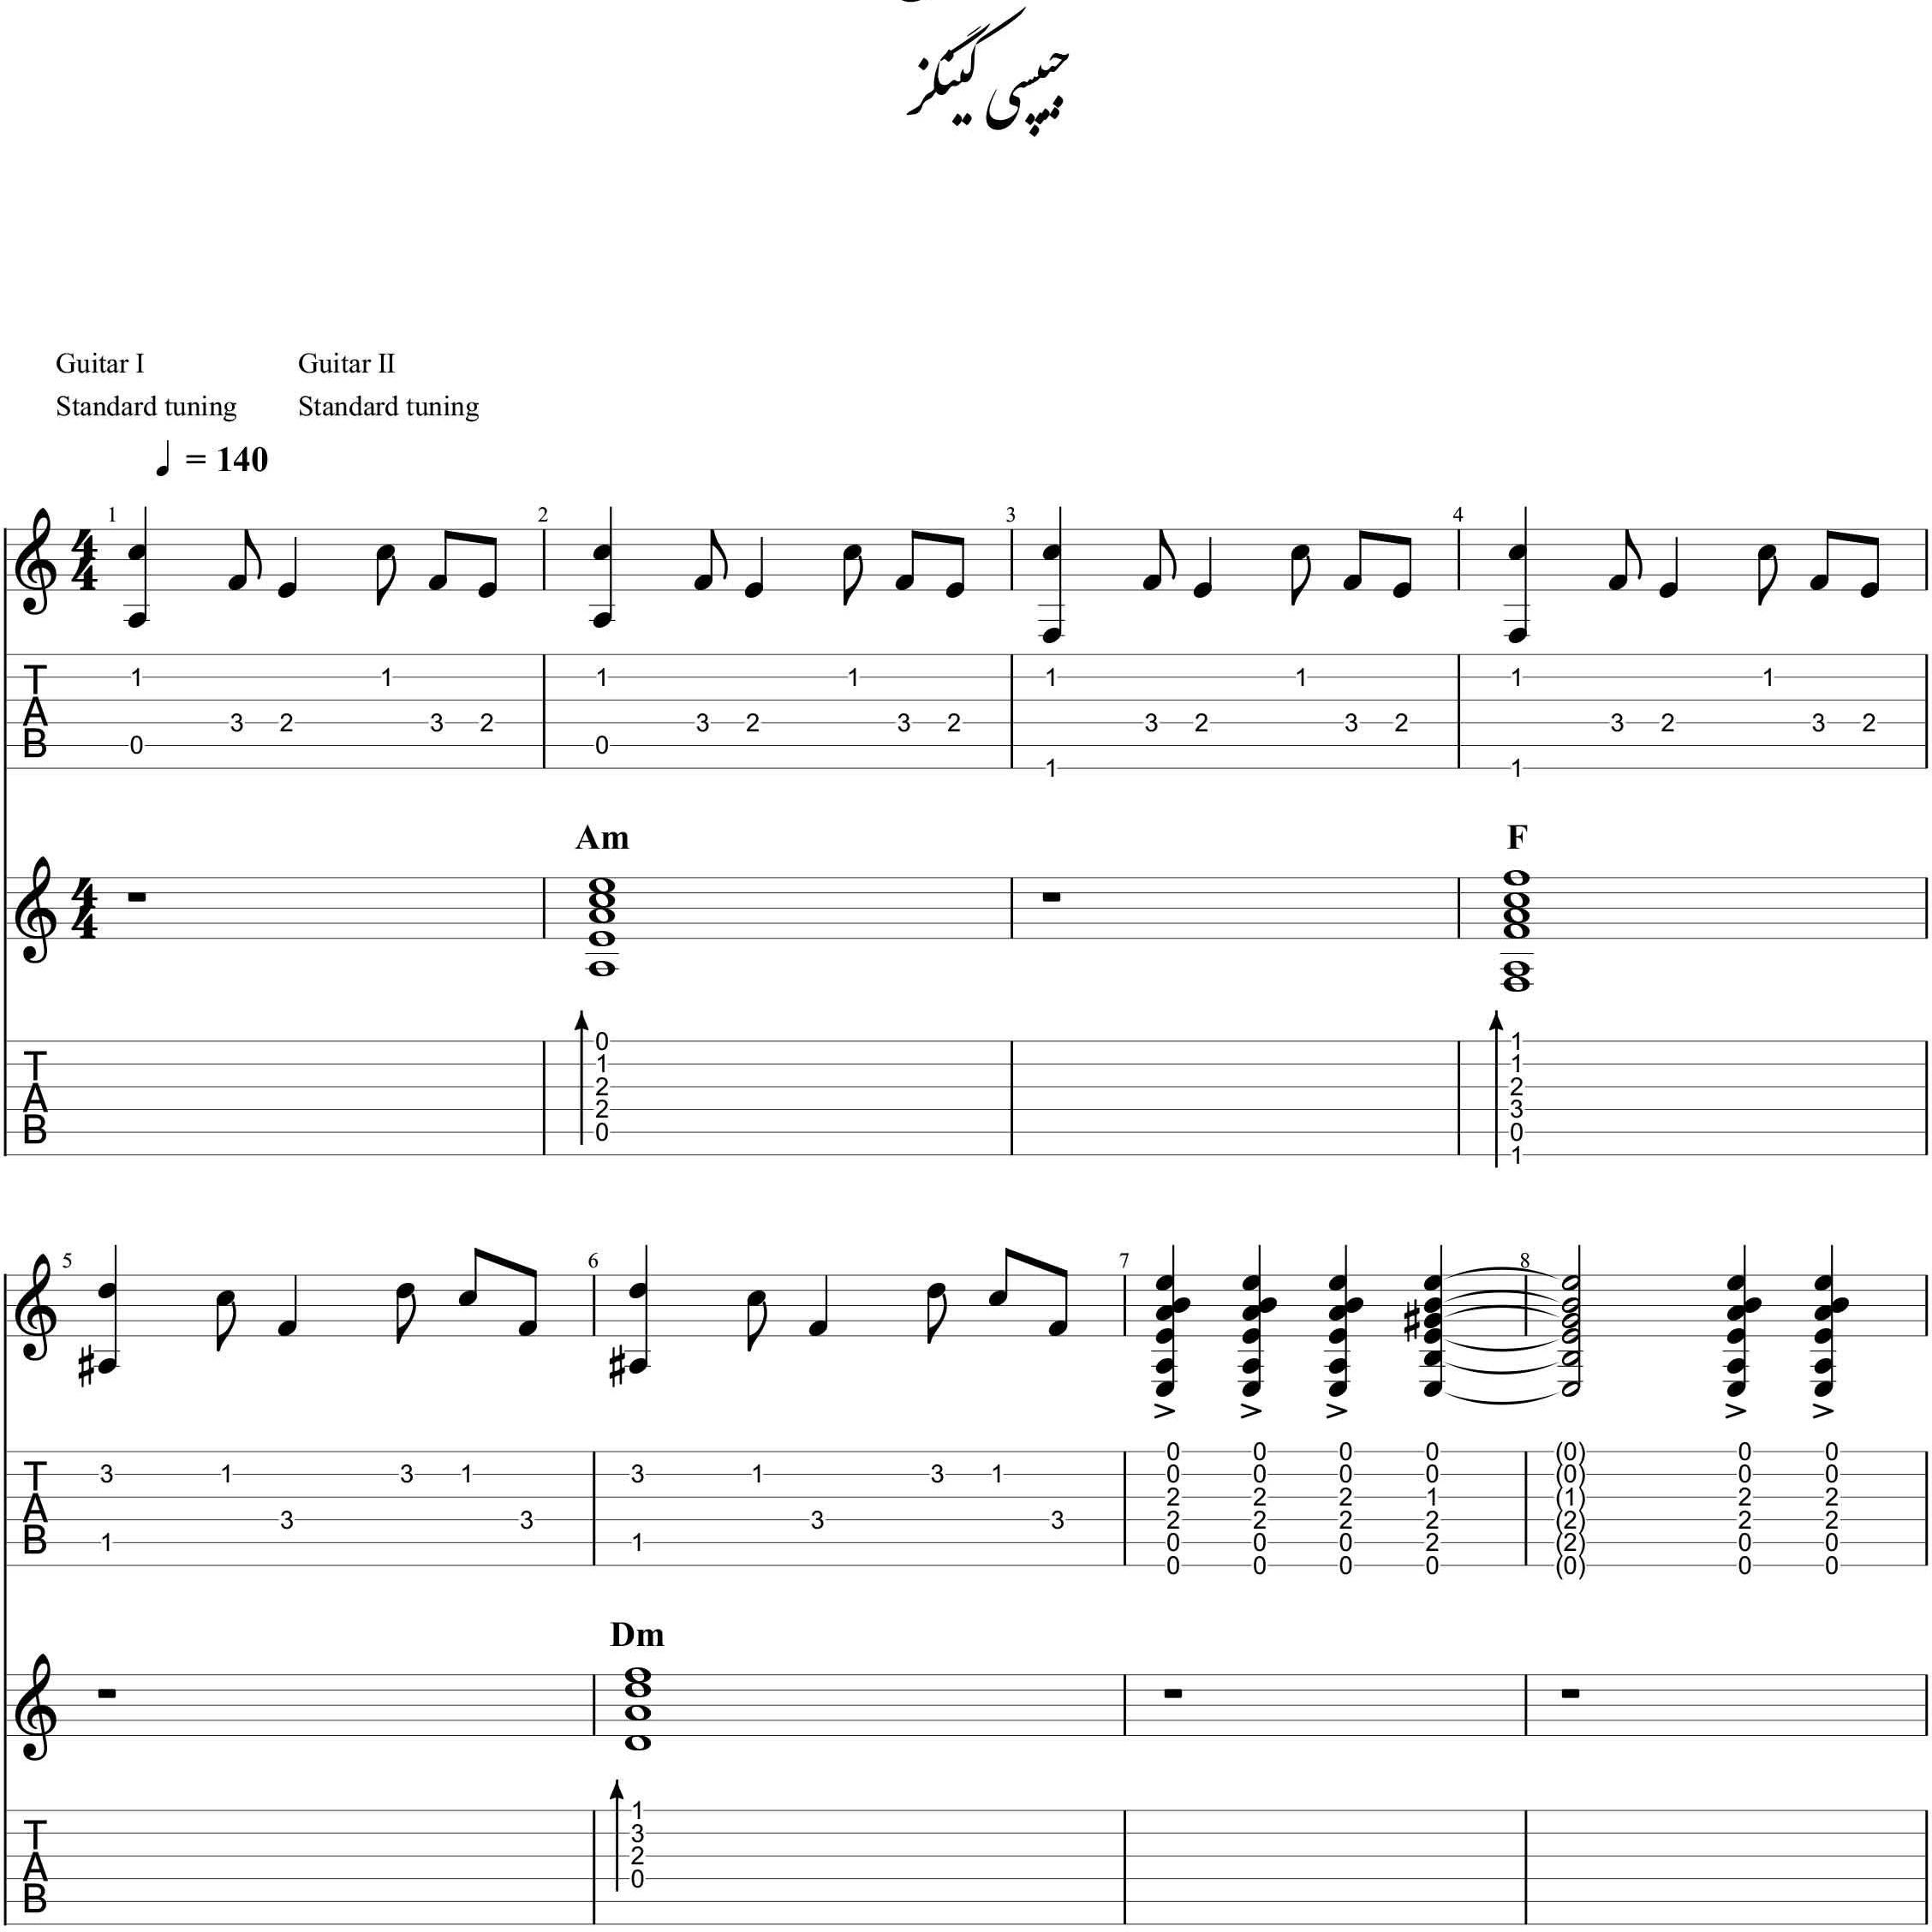 نت و آکورد کامل آهنگ فارائون (pharaon) برای دونوازی گیتار |